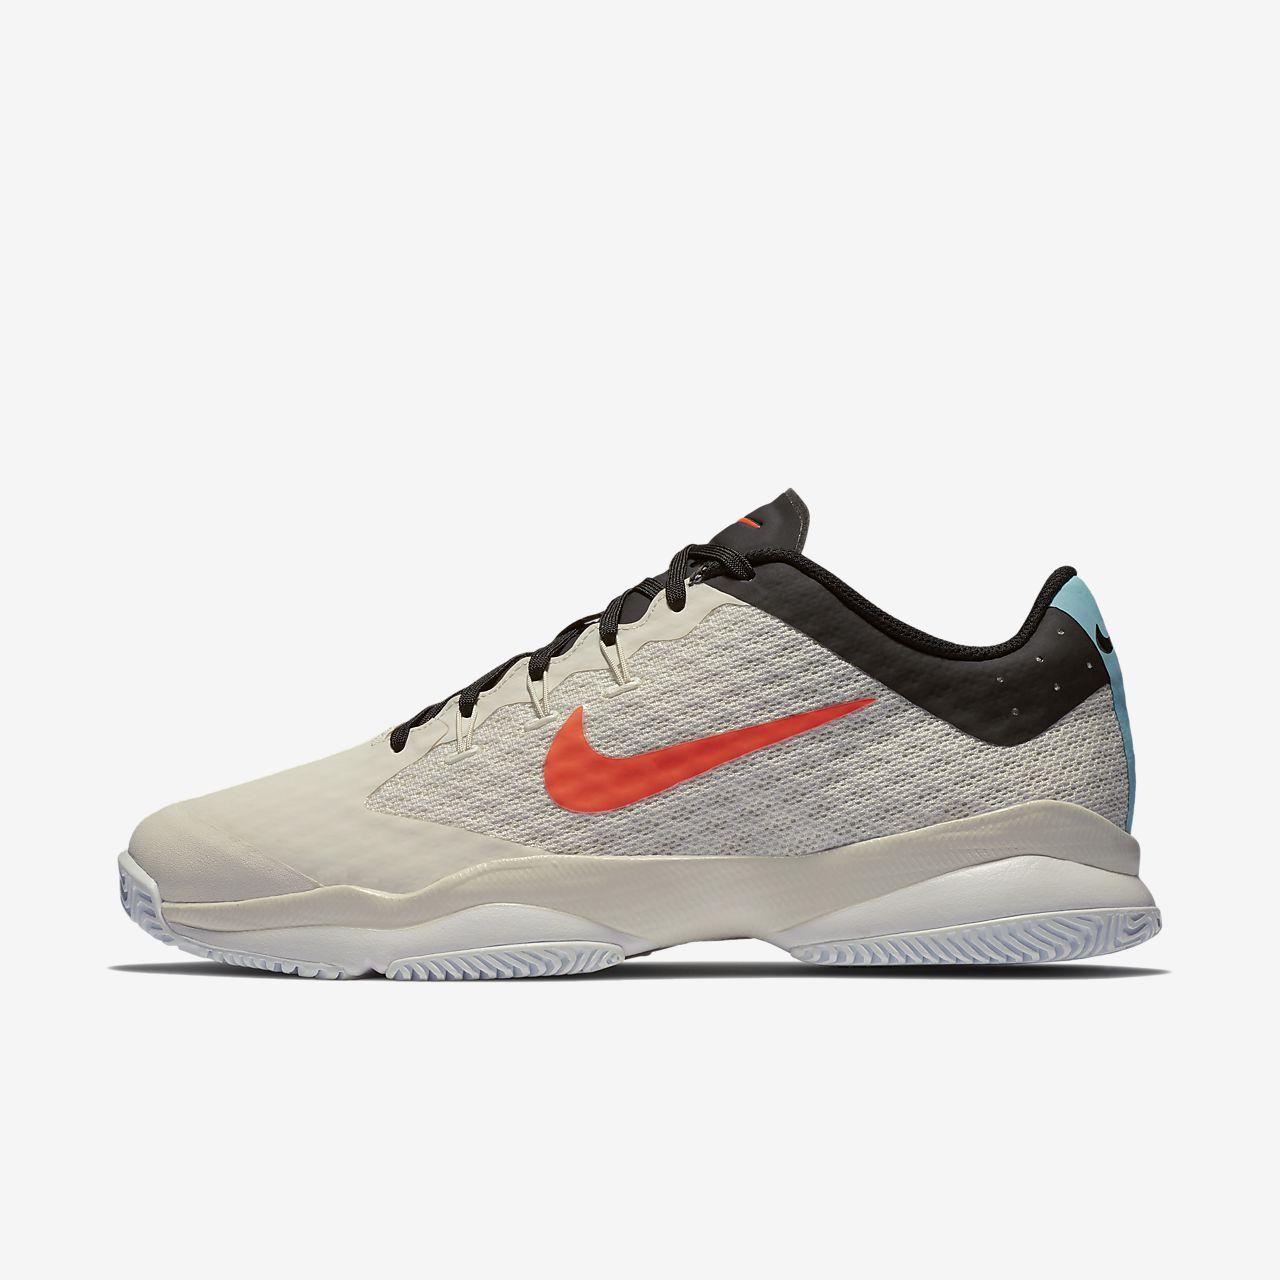 Nike Chaussure De Tennis Court Pour Air Zoom Ultra Hc Pour Court Homme Jeu ae2356